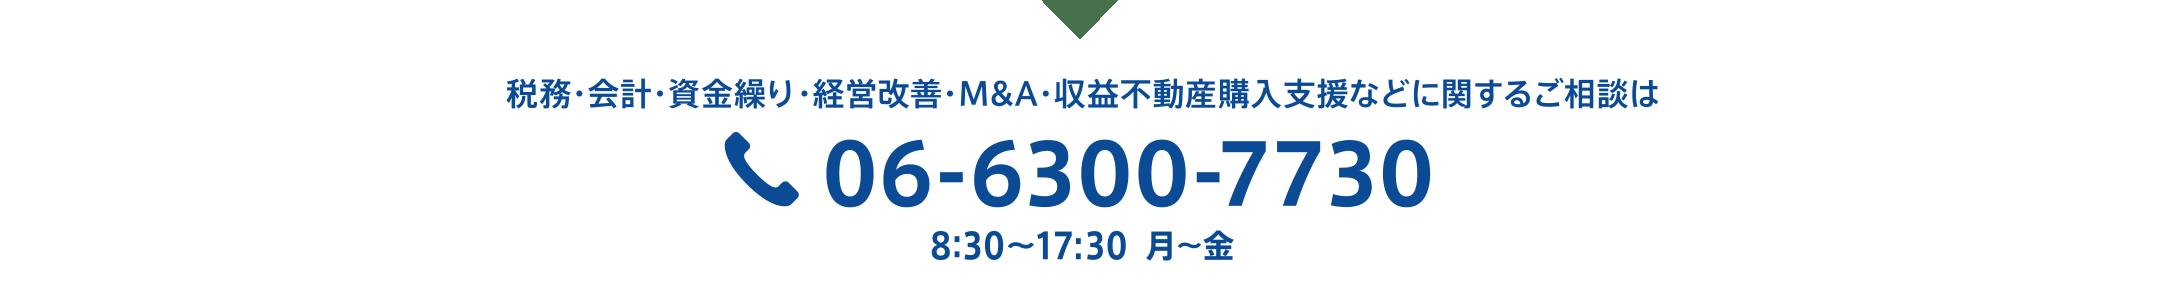 無料相談ダイヤル06-6300-7730